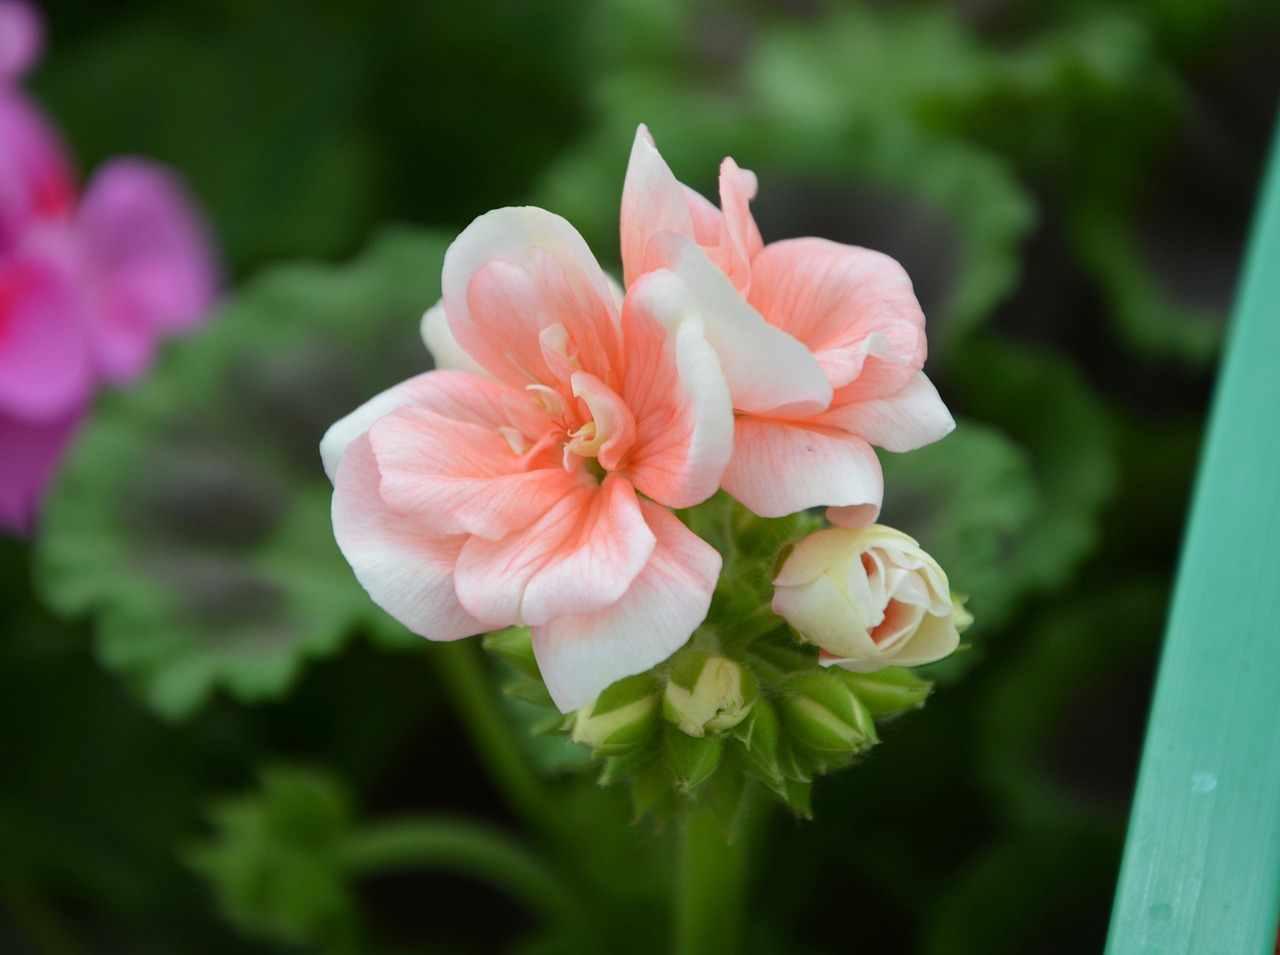 Geranium Arome Ol – Pelargonium graveolens